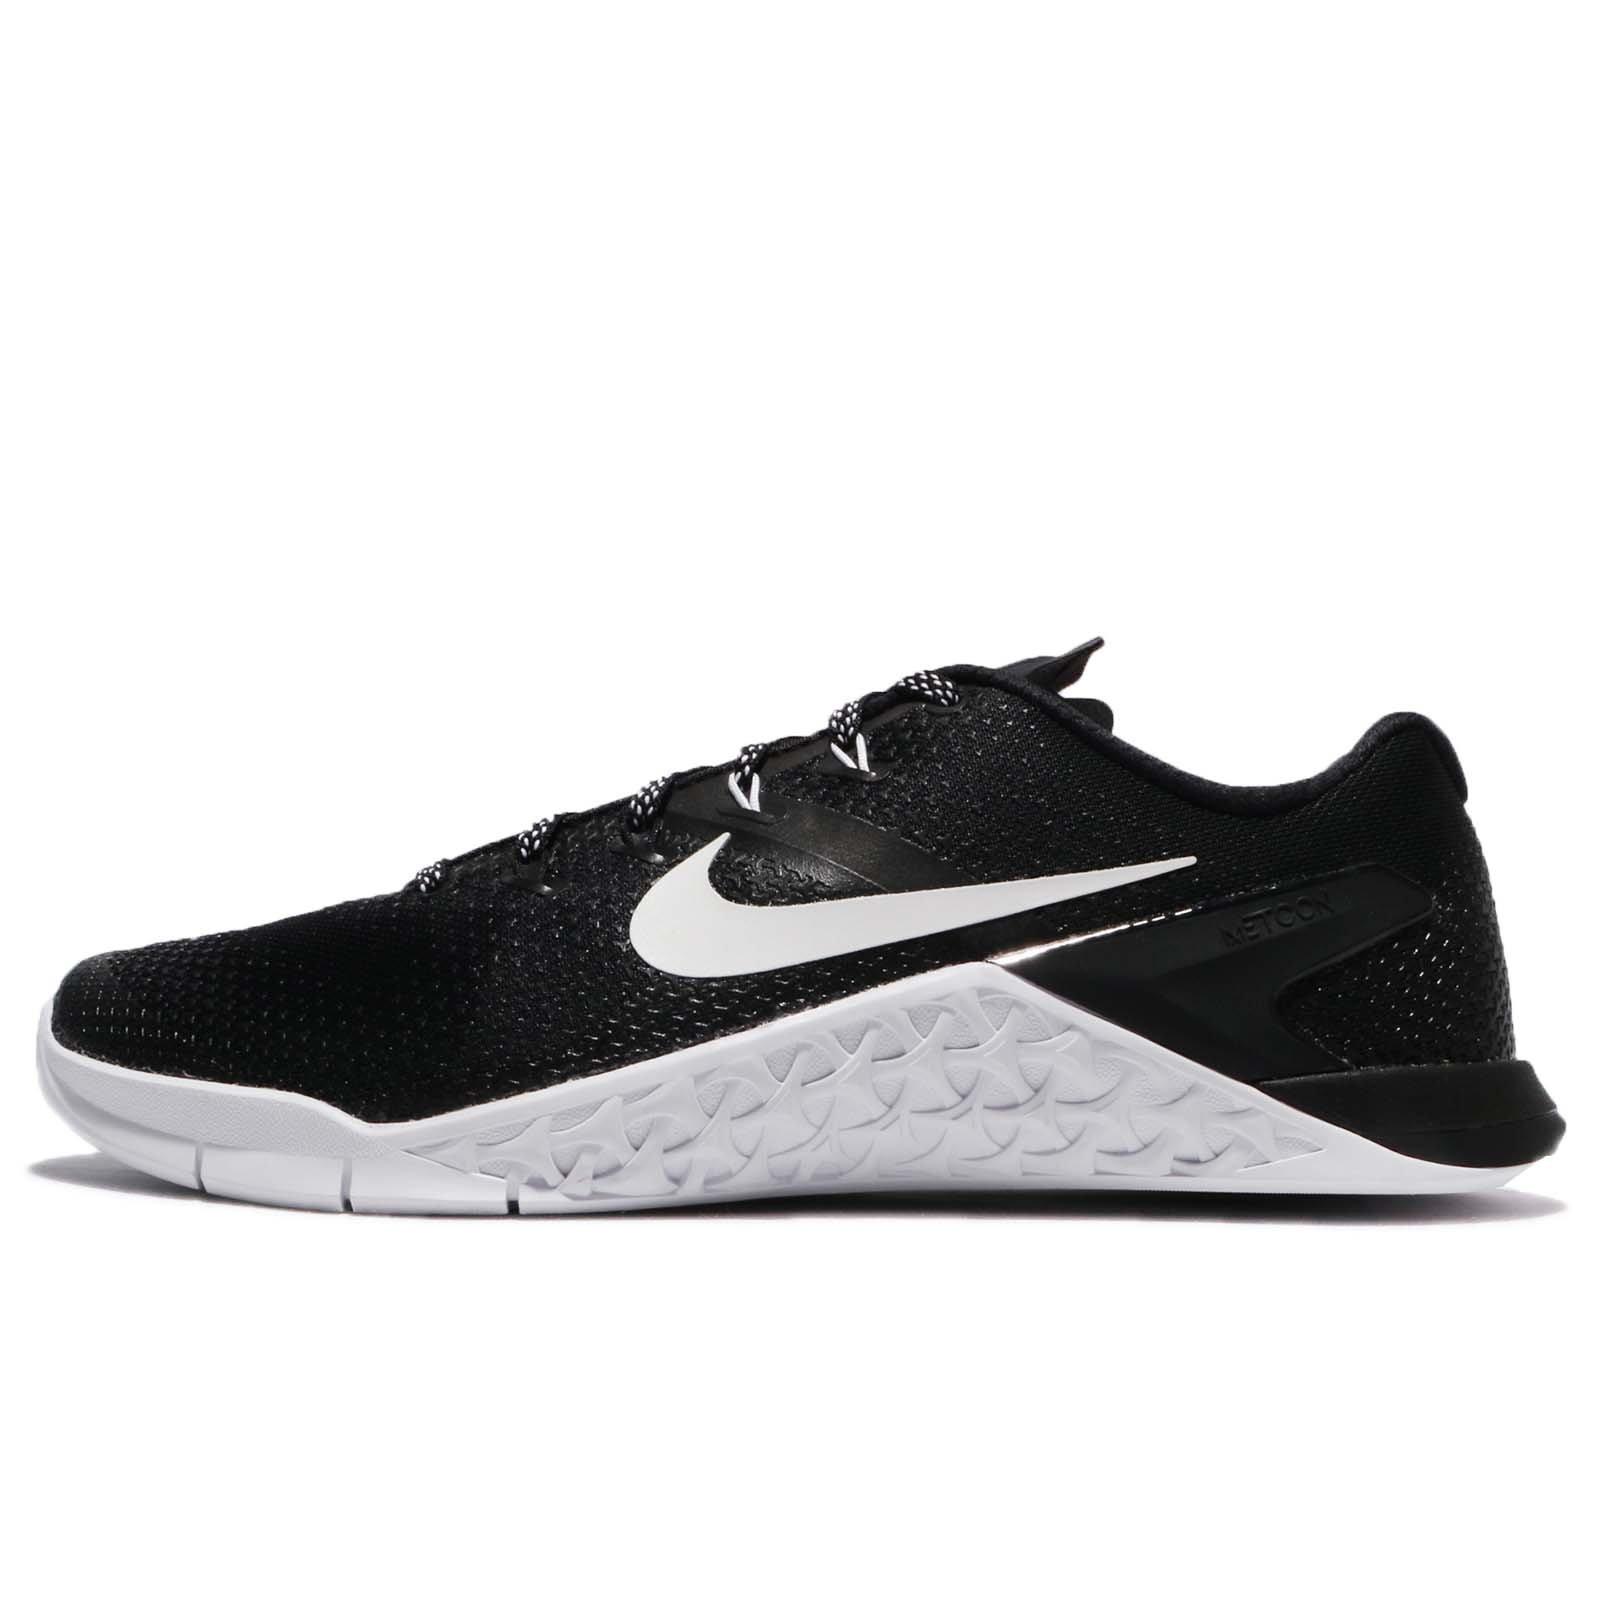 Nike Metcon 4 Mens Cross Training Shoes (7, Black/White)